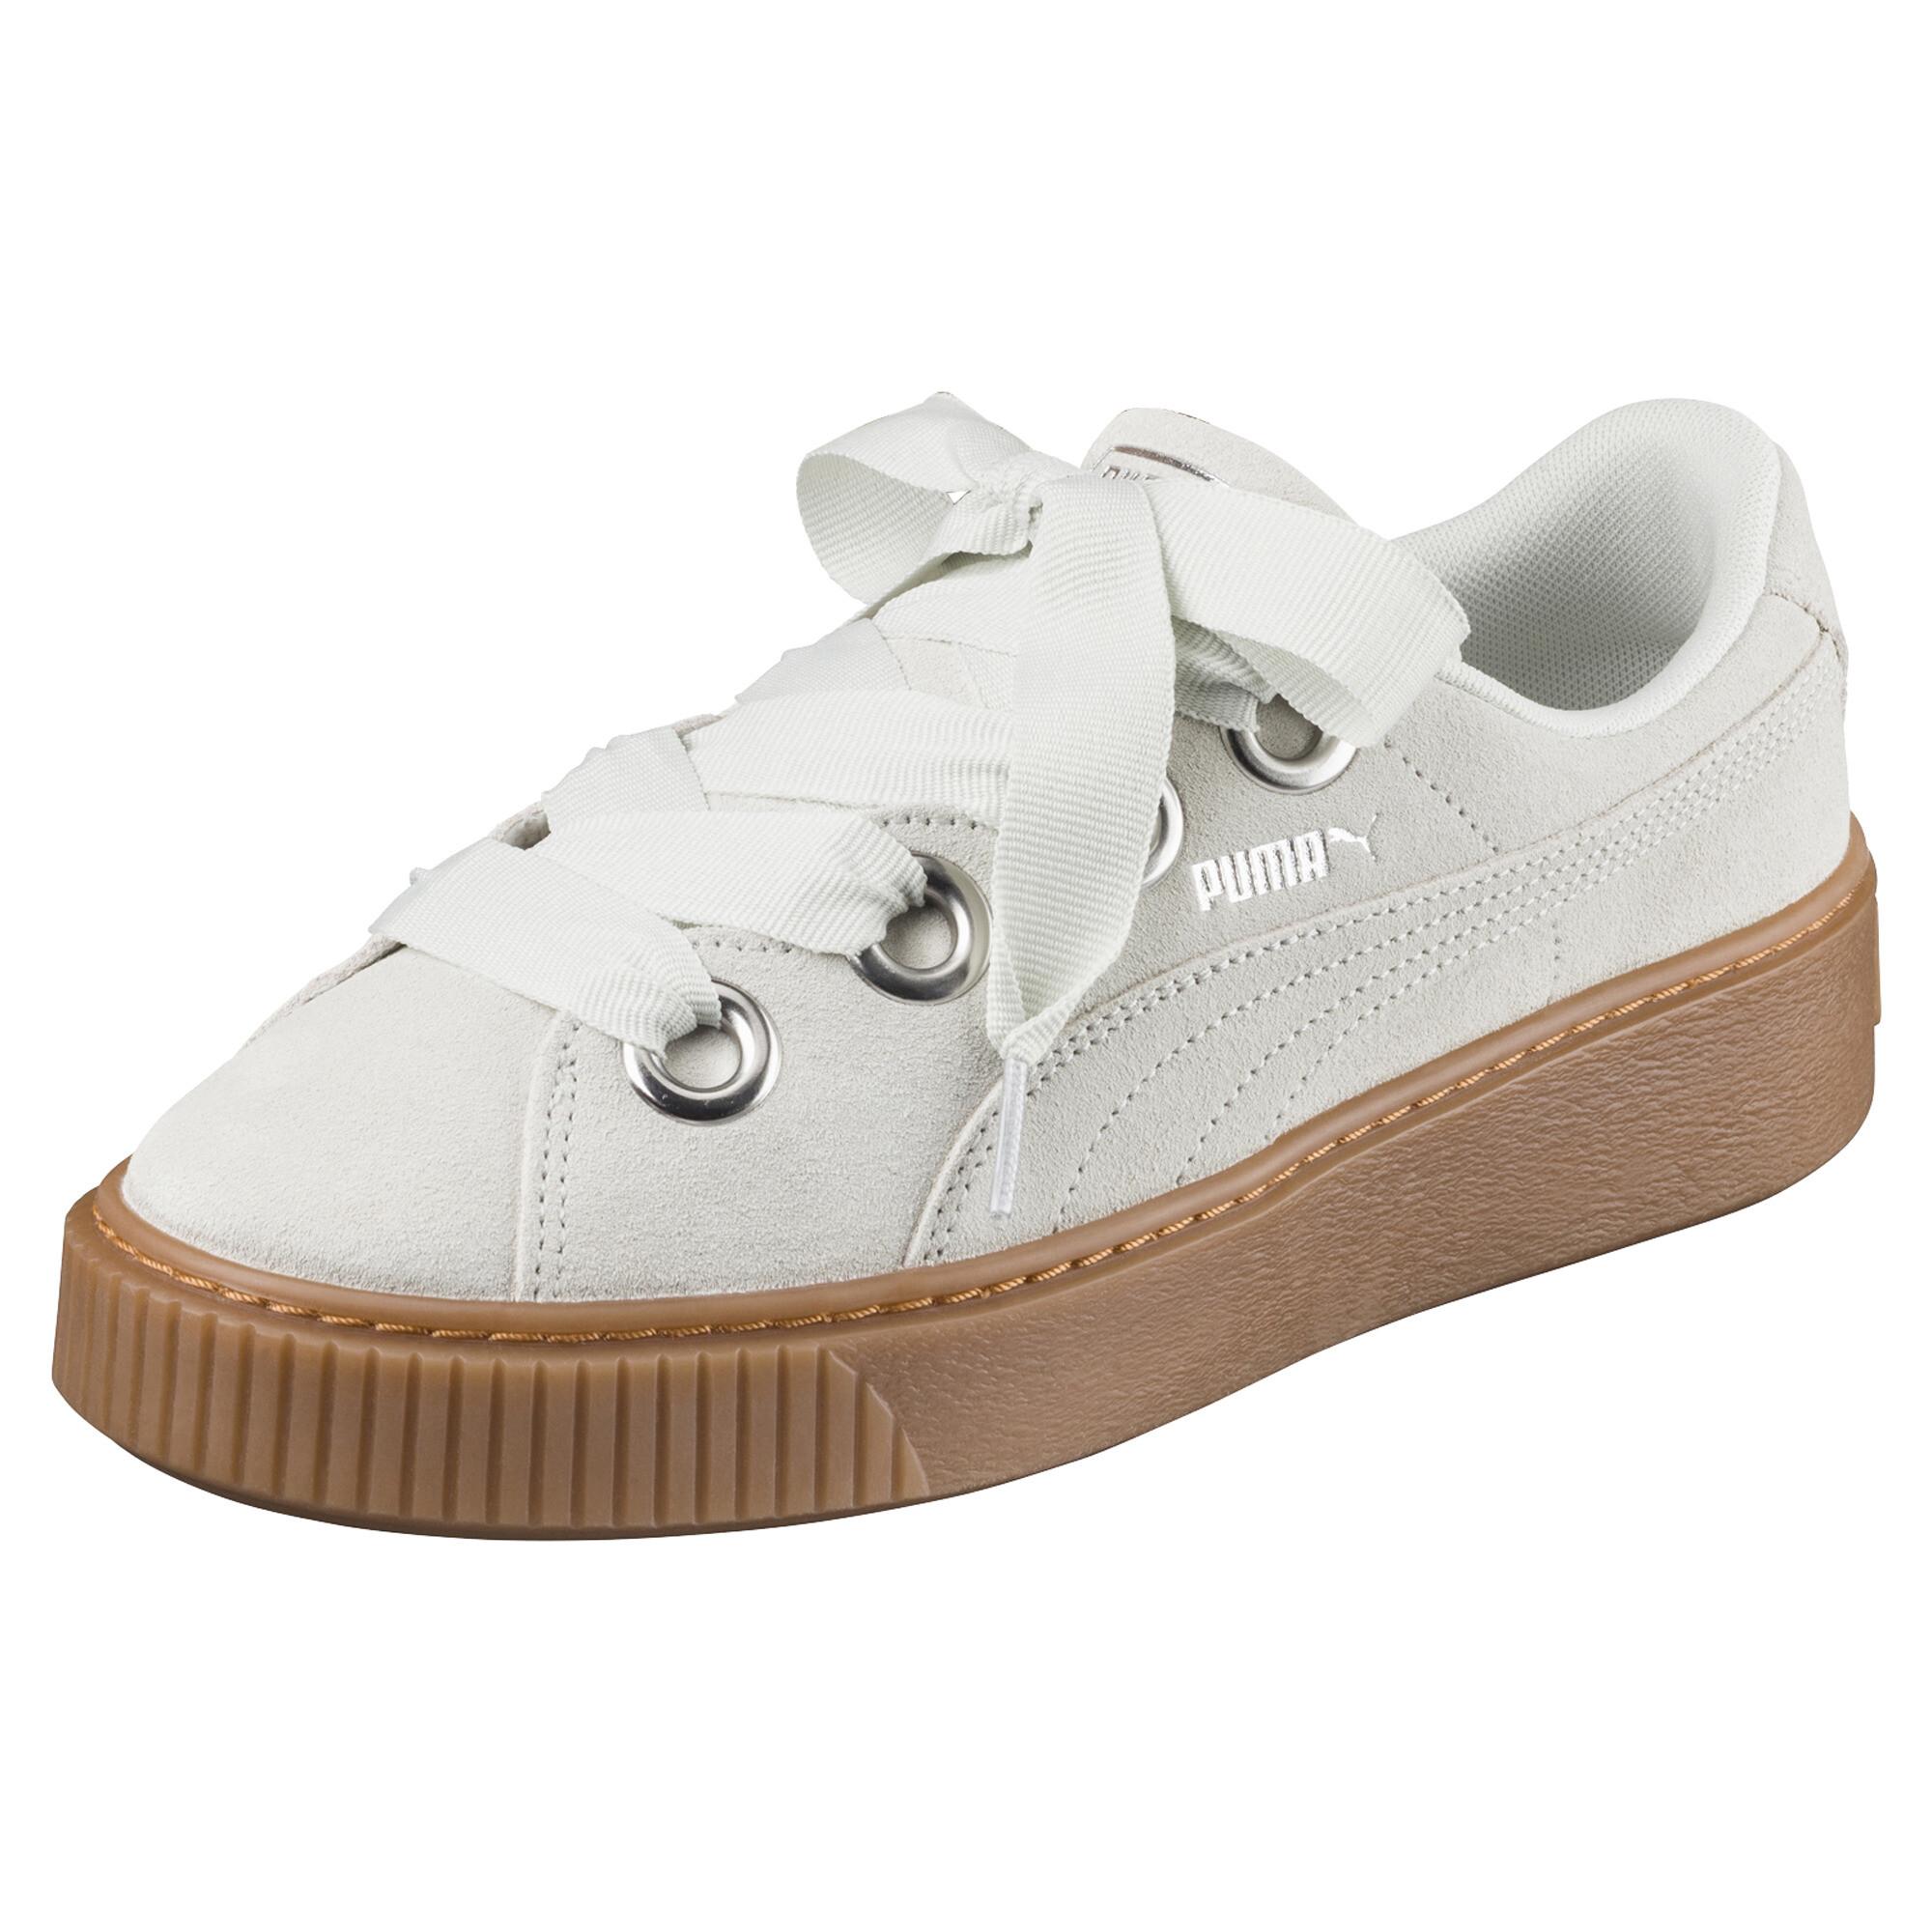 972c4ae7 Распродажа спортивной одежды PUMA - скидки и акции на кроссовки в дисконте  интернет-магазине